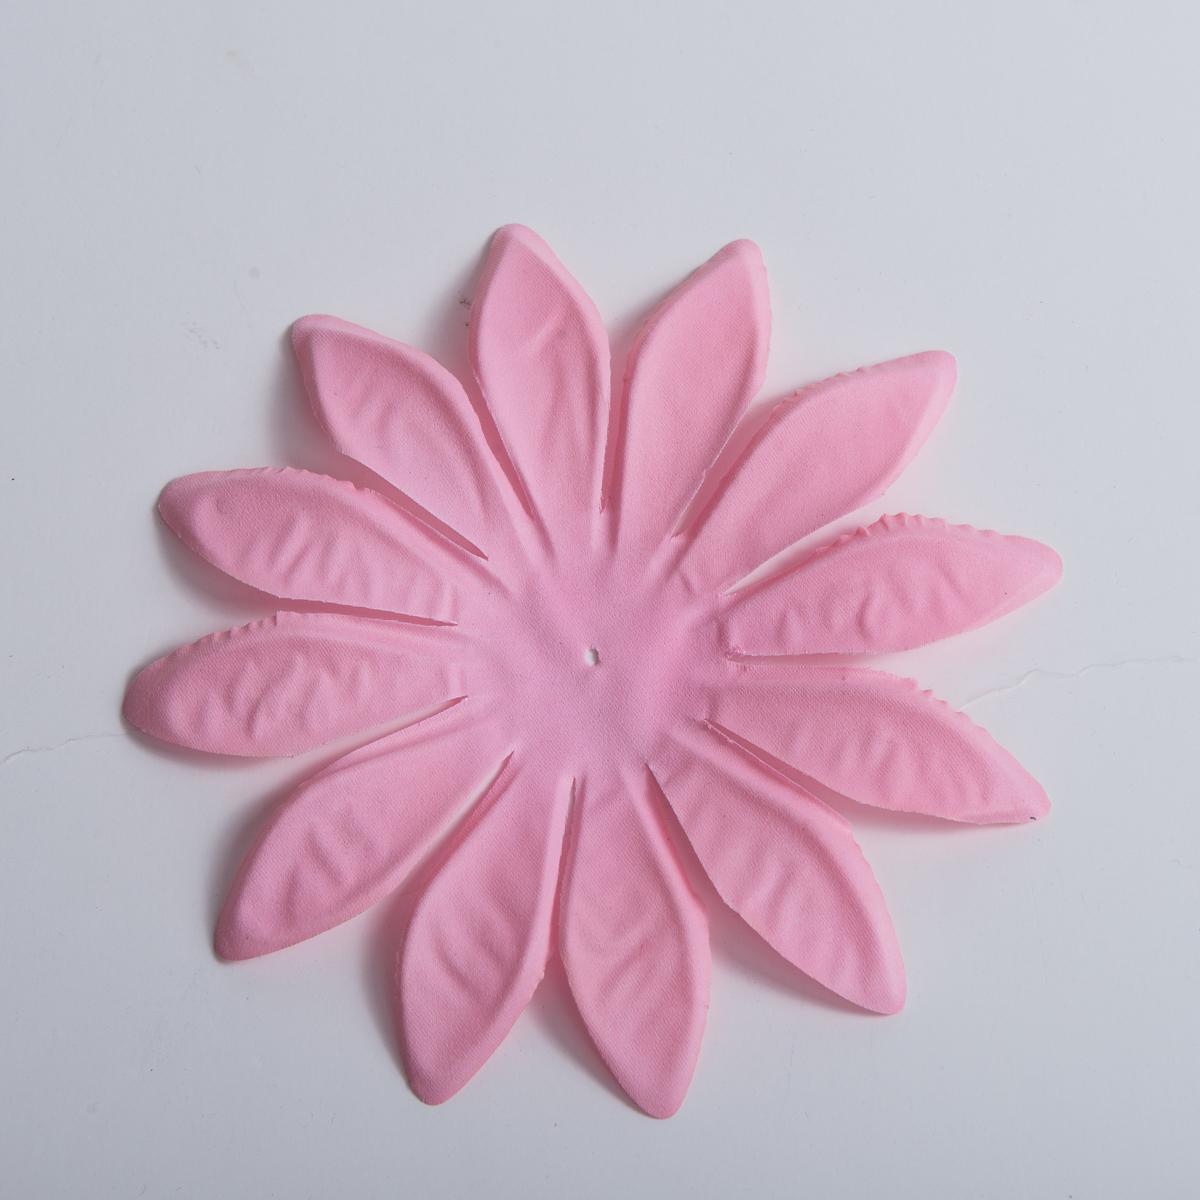 Pink Large Satin Fabric Flower Petals 5pc 802012 05 Pnk Sun Yorkos